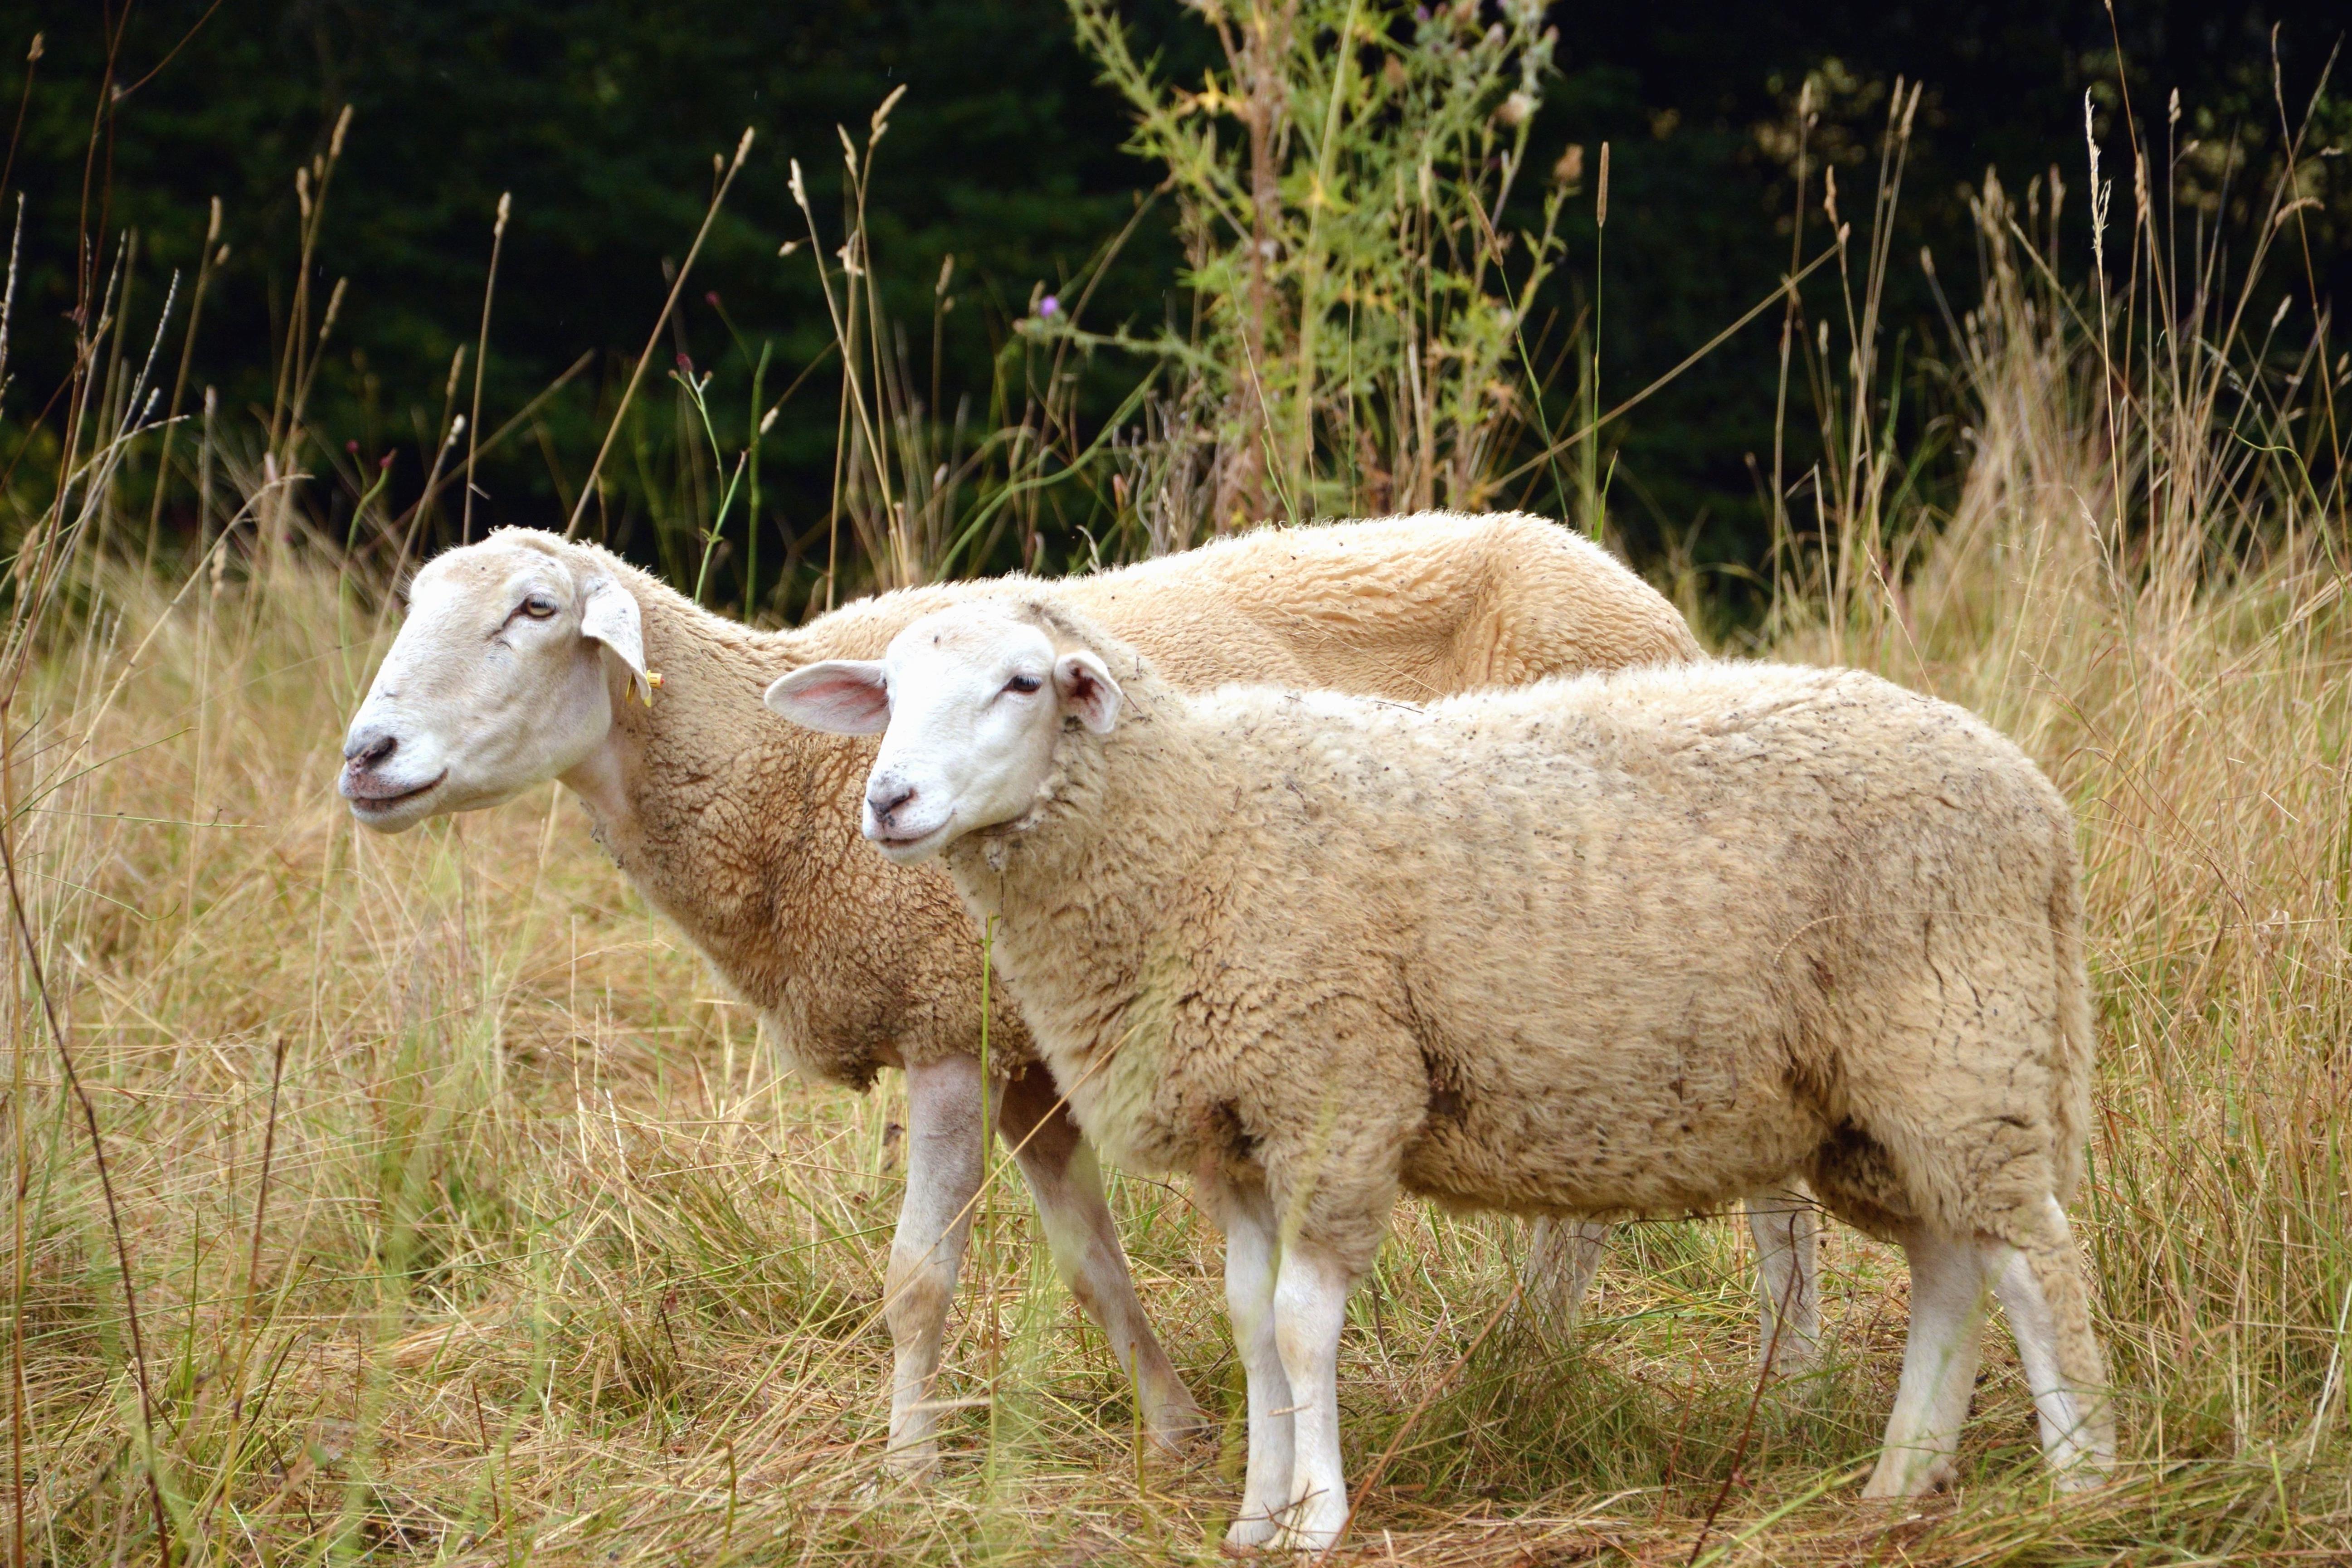 Image libre mouton prairie herbe buisson laine animal - Photos de moutons gratuites ...